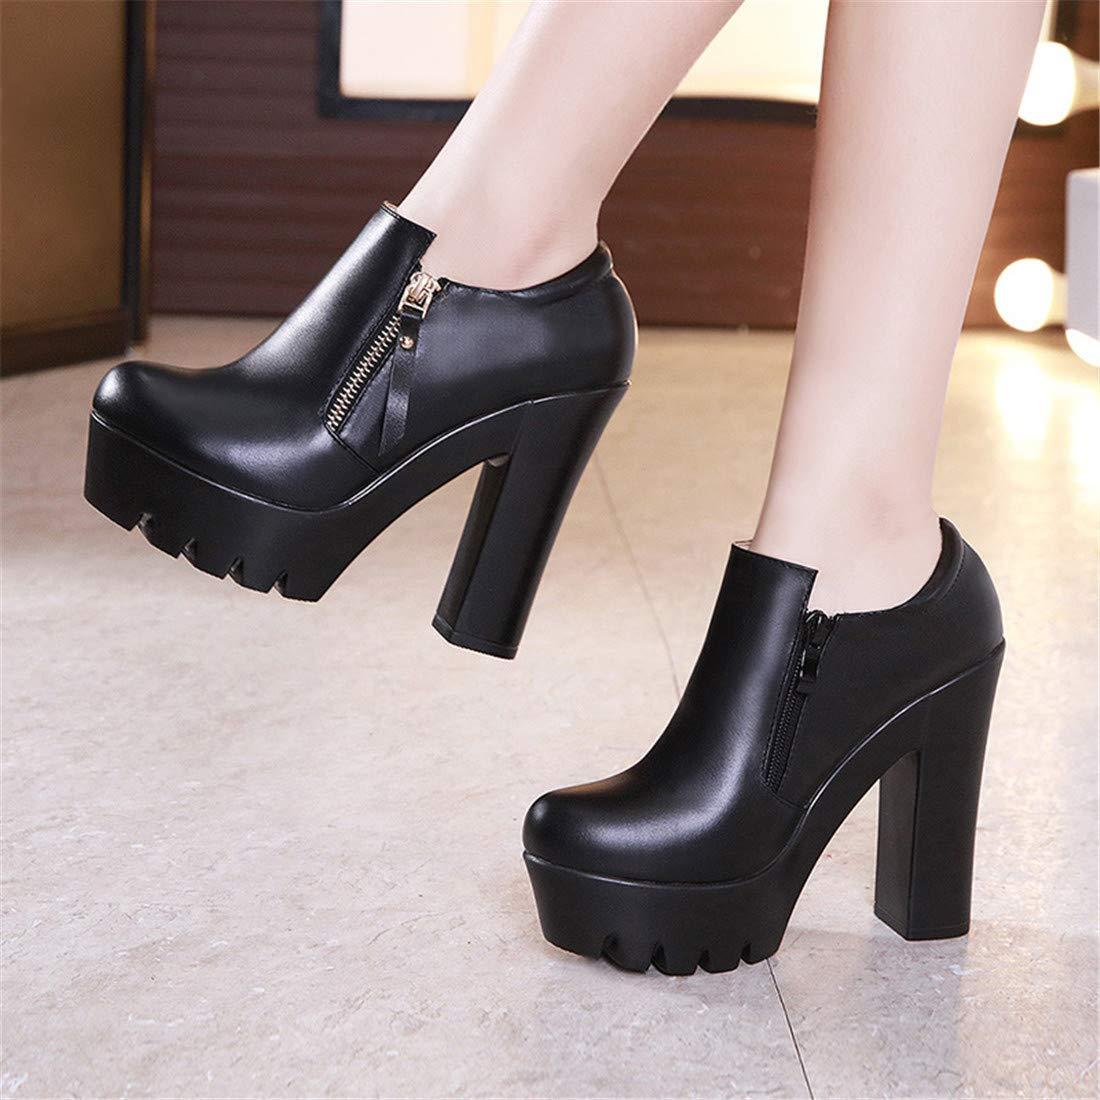 Stiefel Stiefel Stiefel   dickmit einzelnen Schuhen damenstiefel high Heel high Heel   oft dick mit einzelnen Schuhen 560a4f